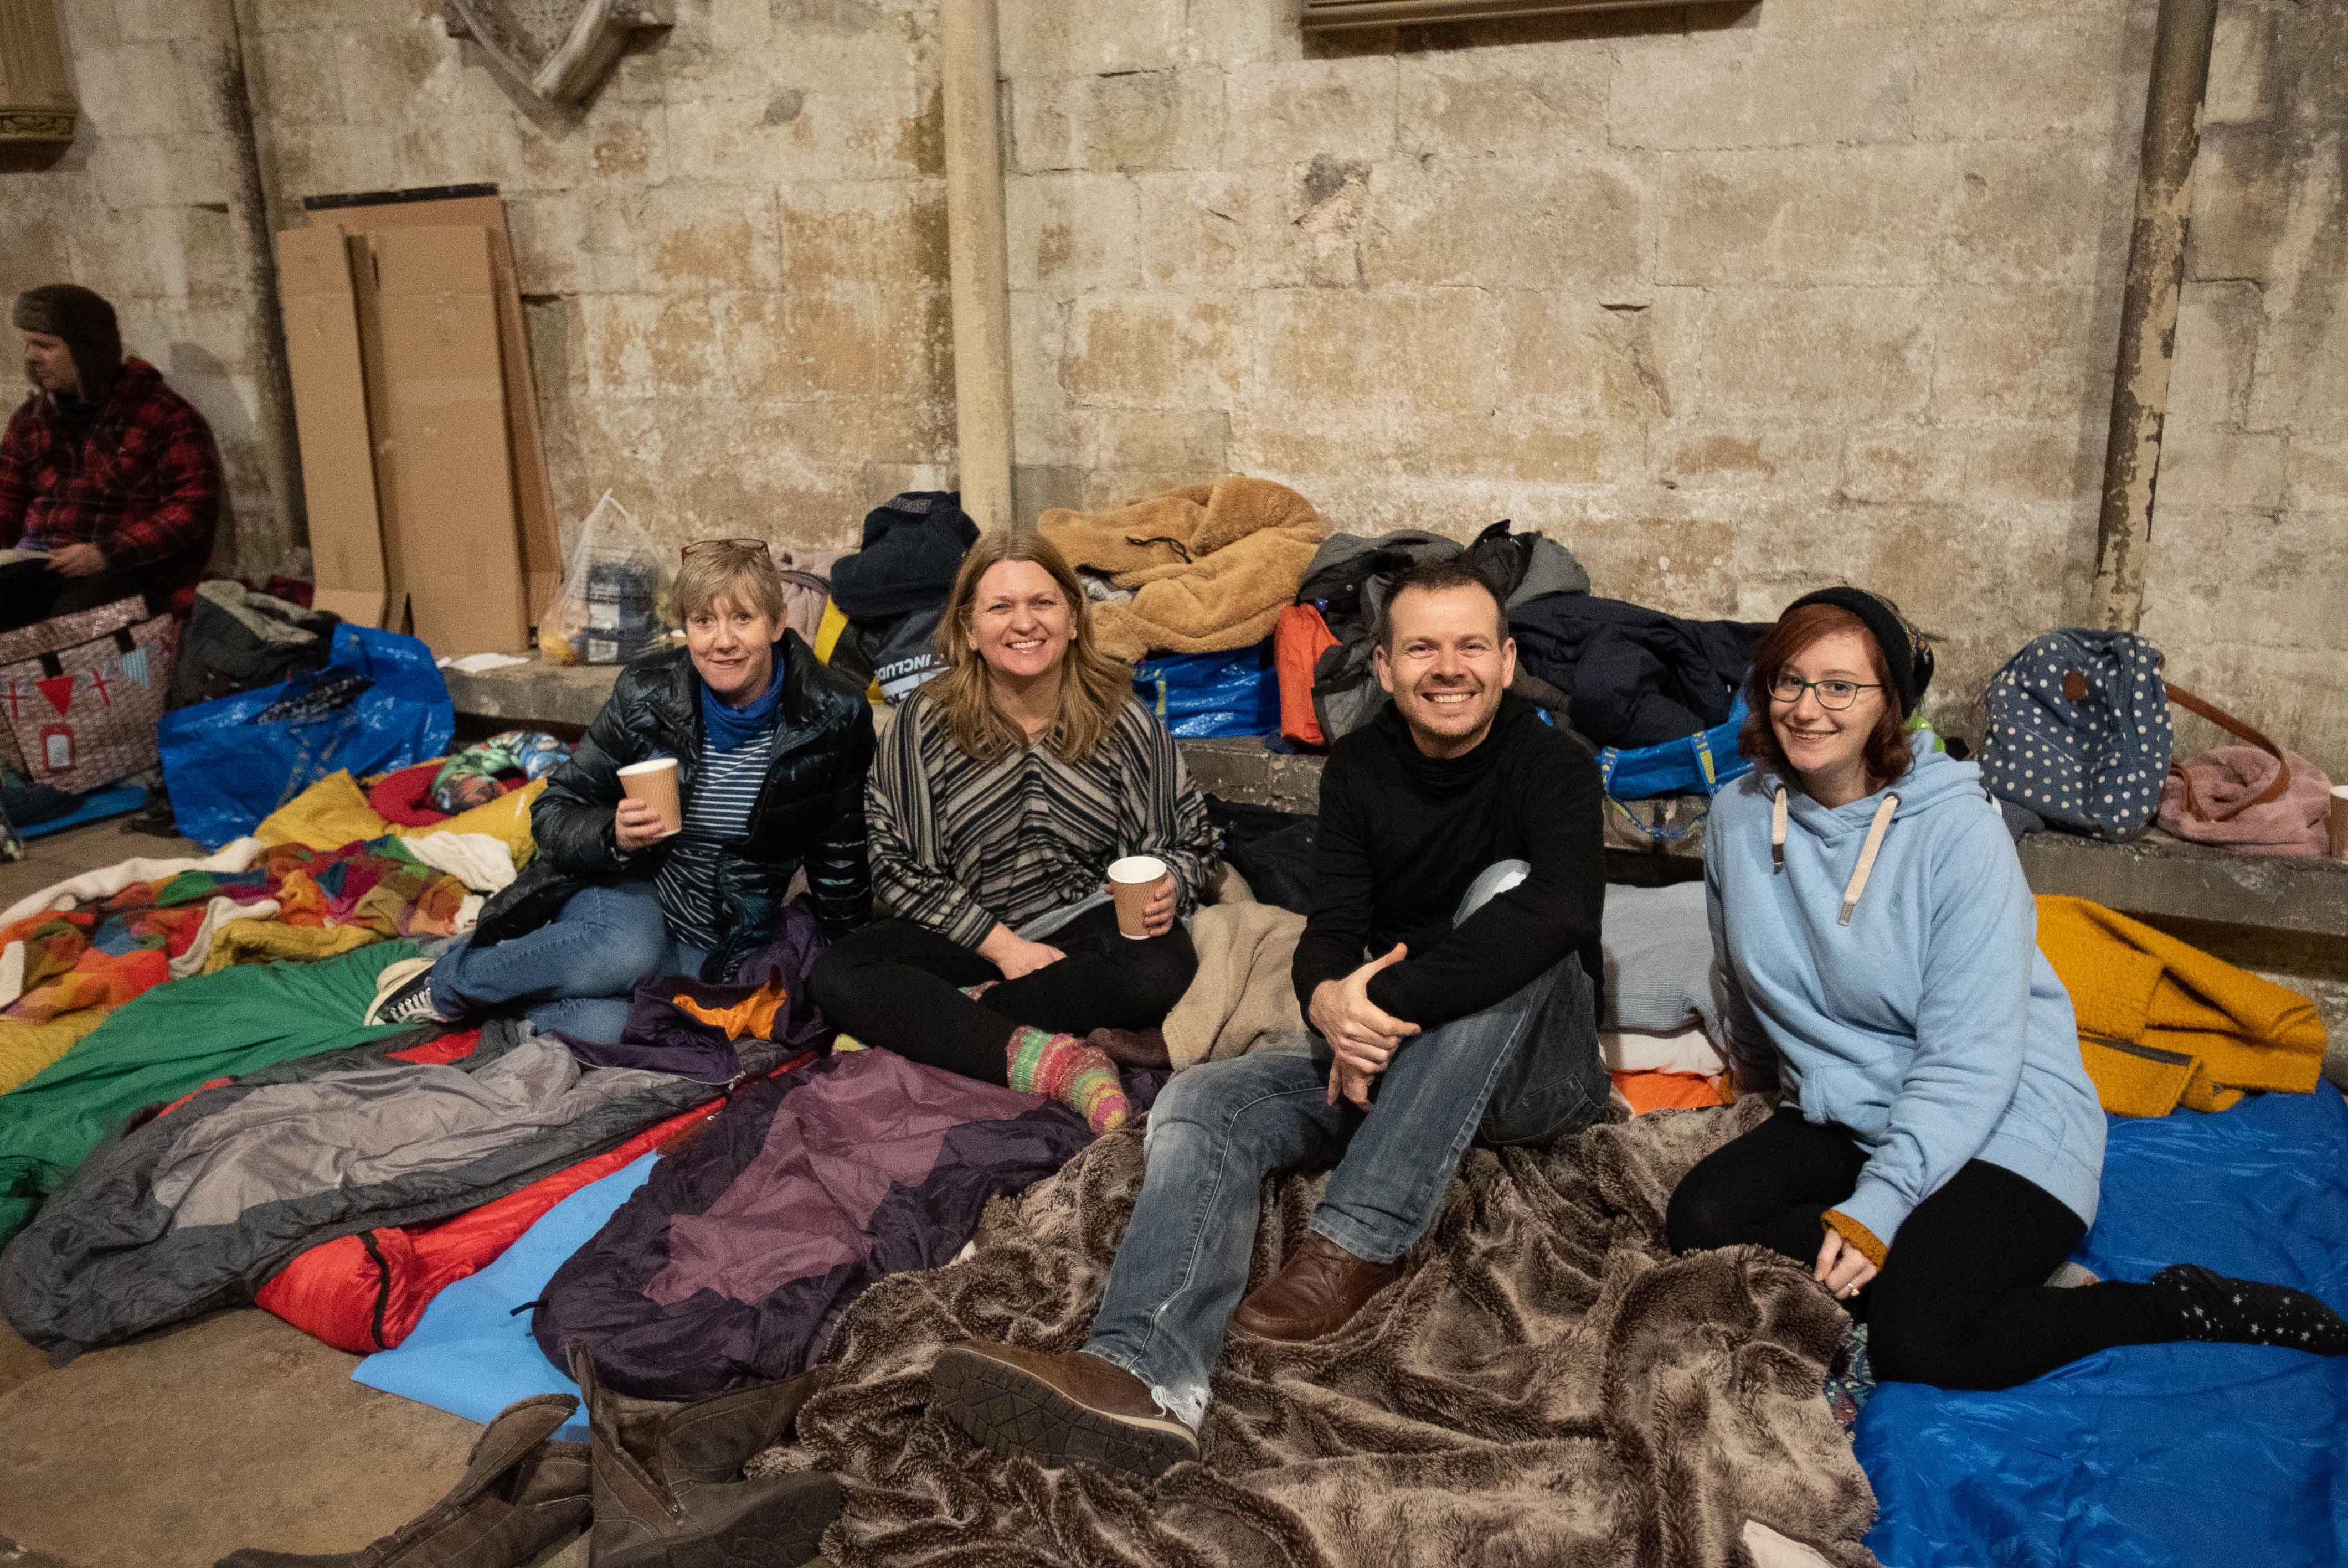 The Big Sleep at Salisbury Cathedral 2020